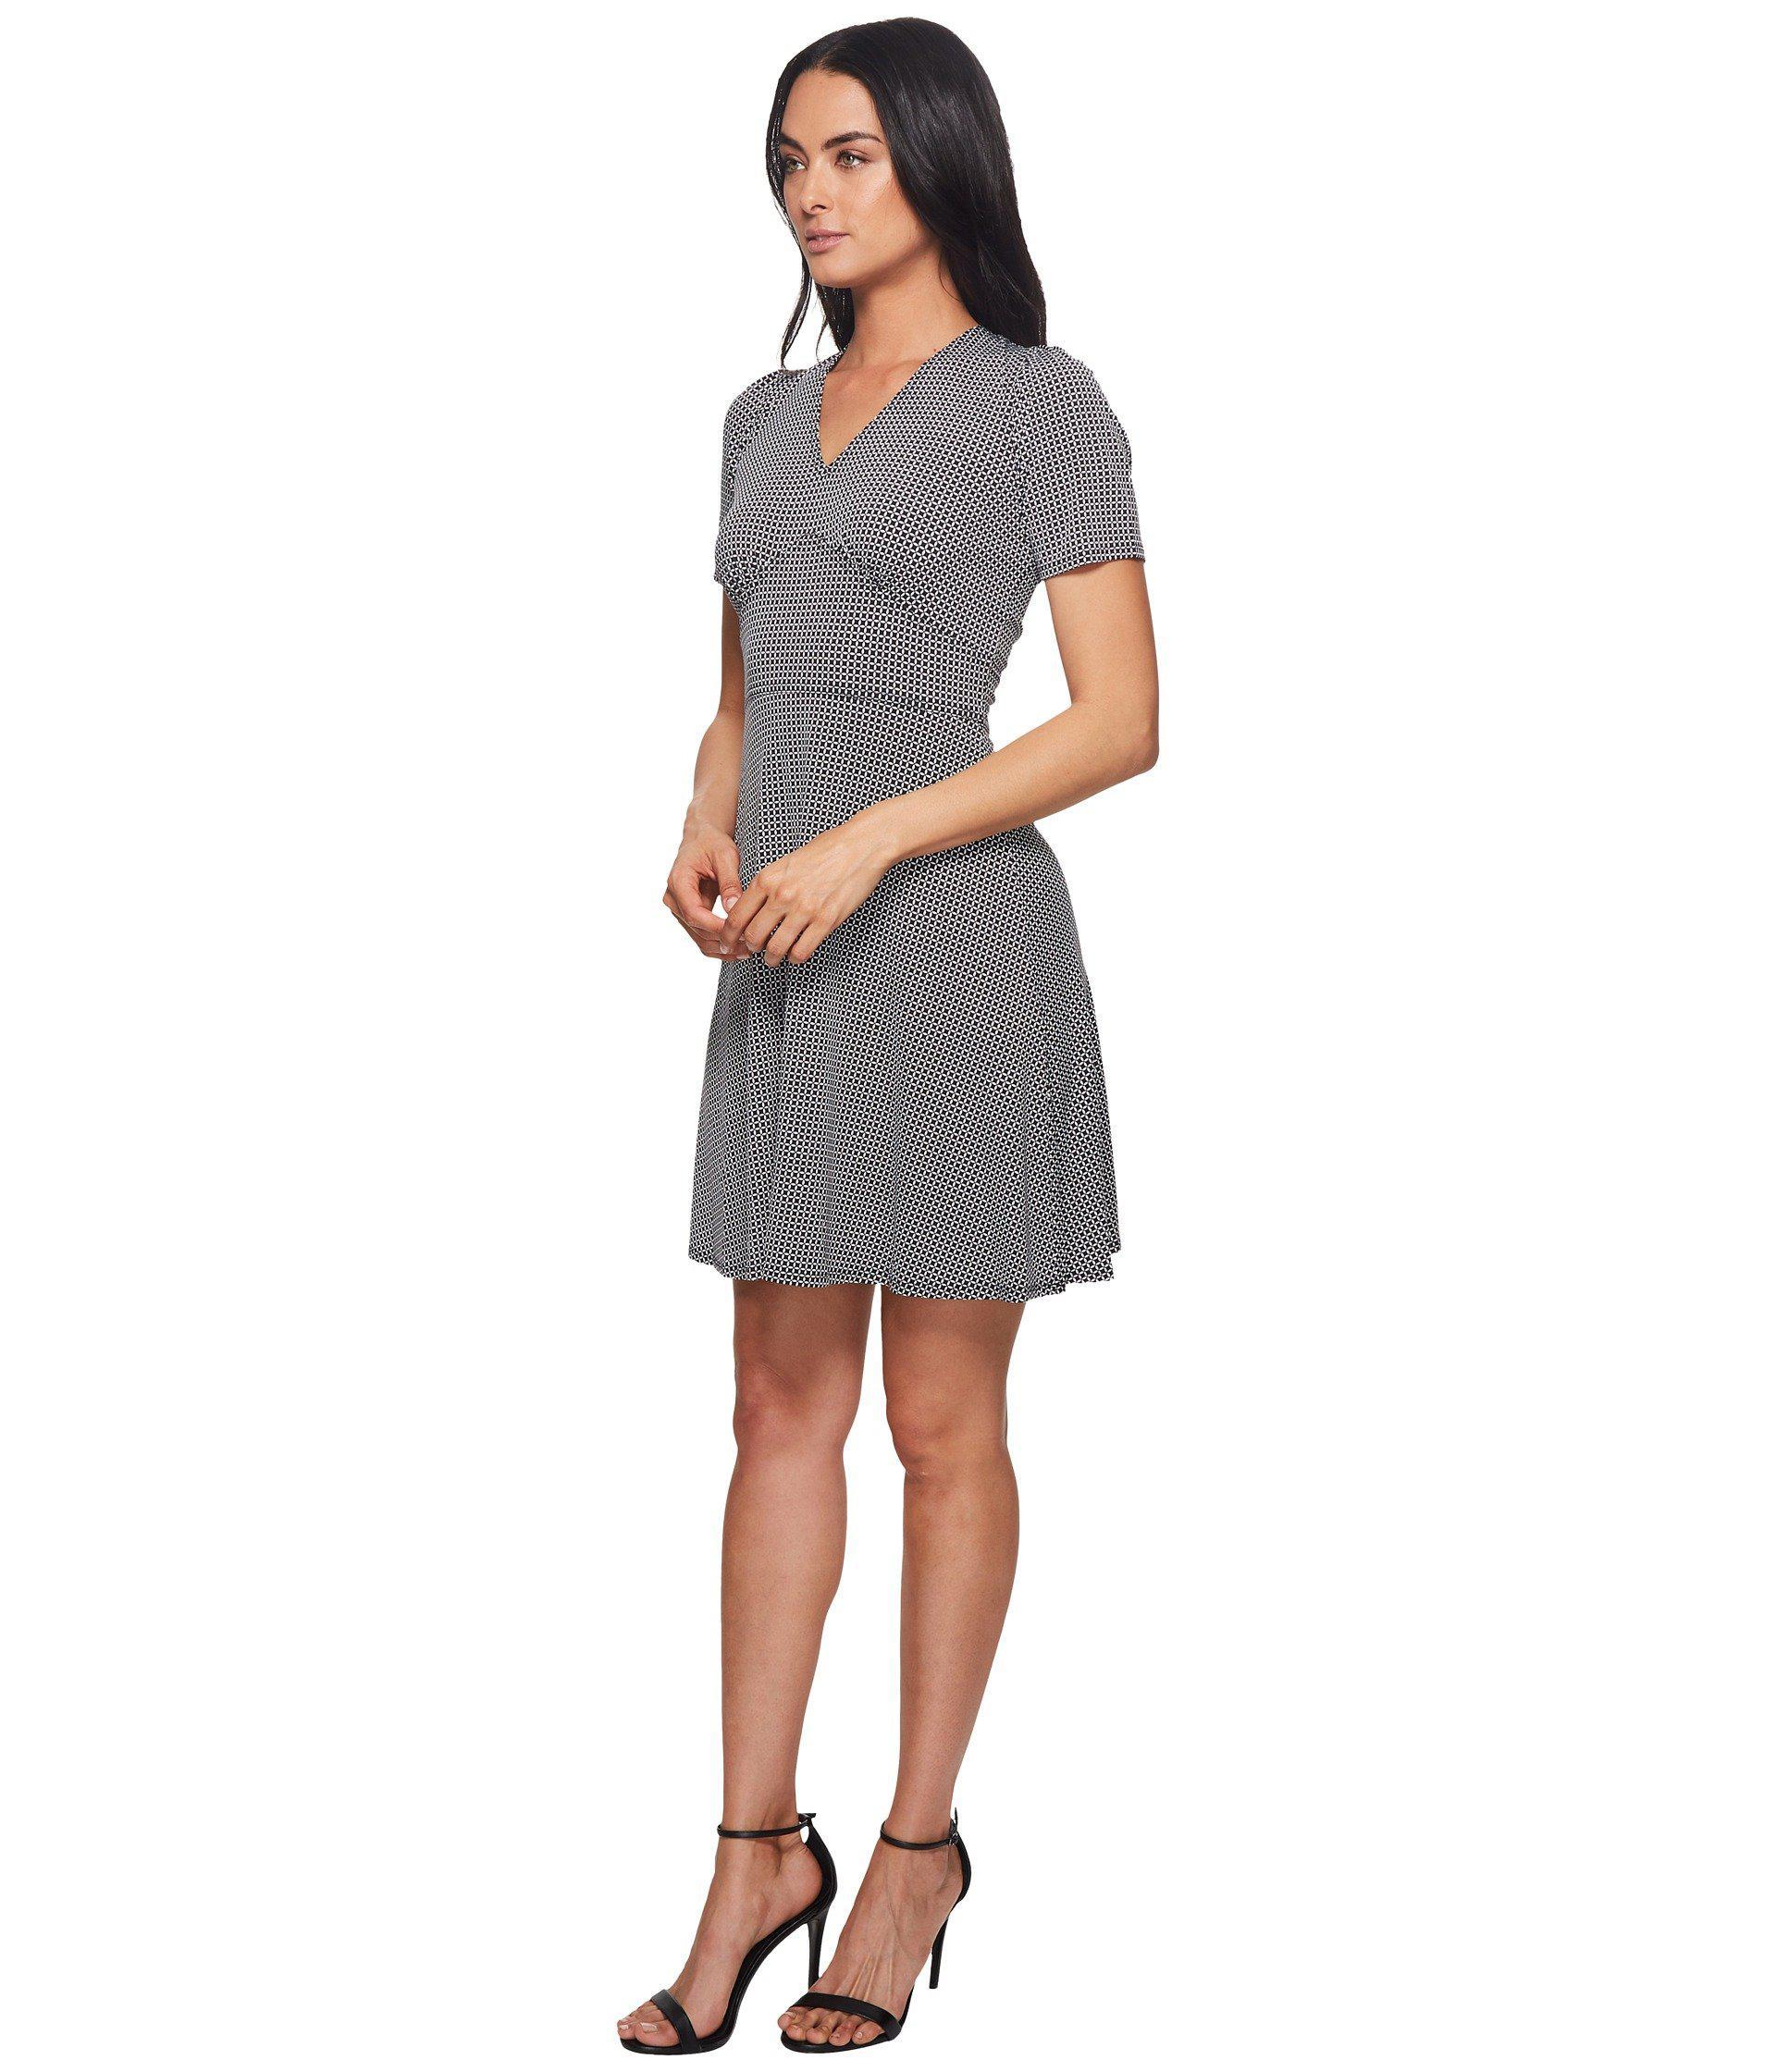 a42682b81 Lyst - MICHAEL Michael Kors Mod Geo Flare Dress in Black